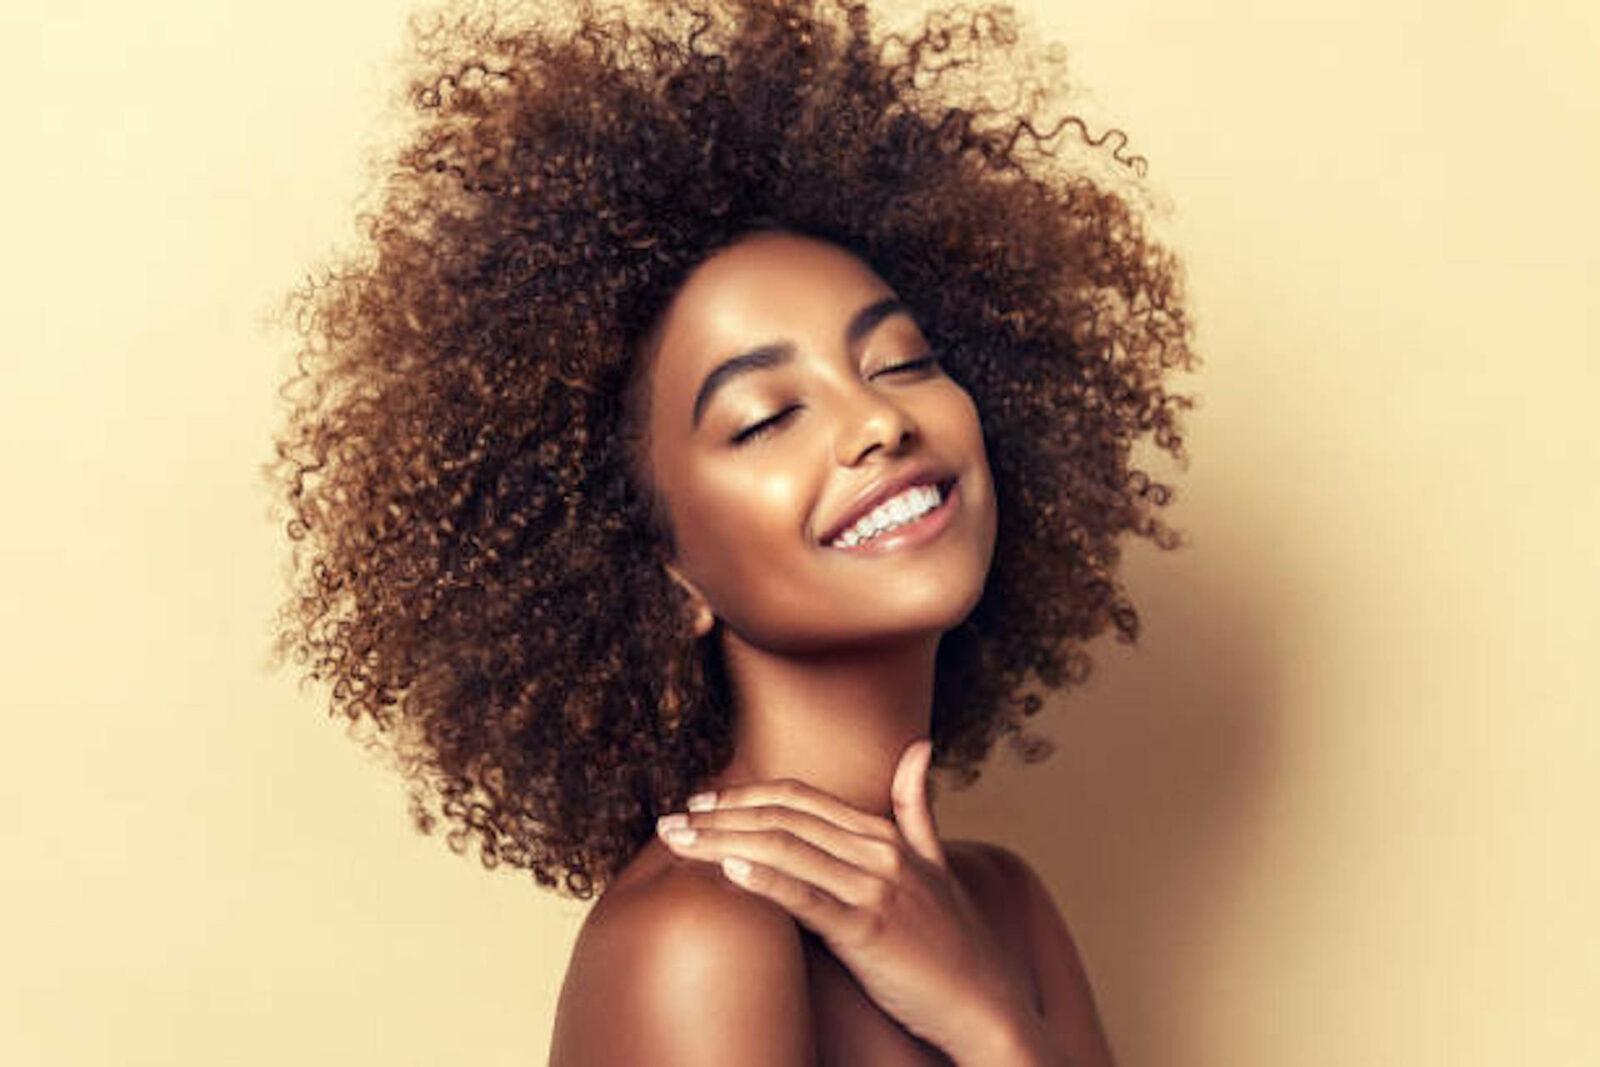 Rentrée capillaire : Les 3 étapes anti-chute de cheveux